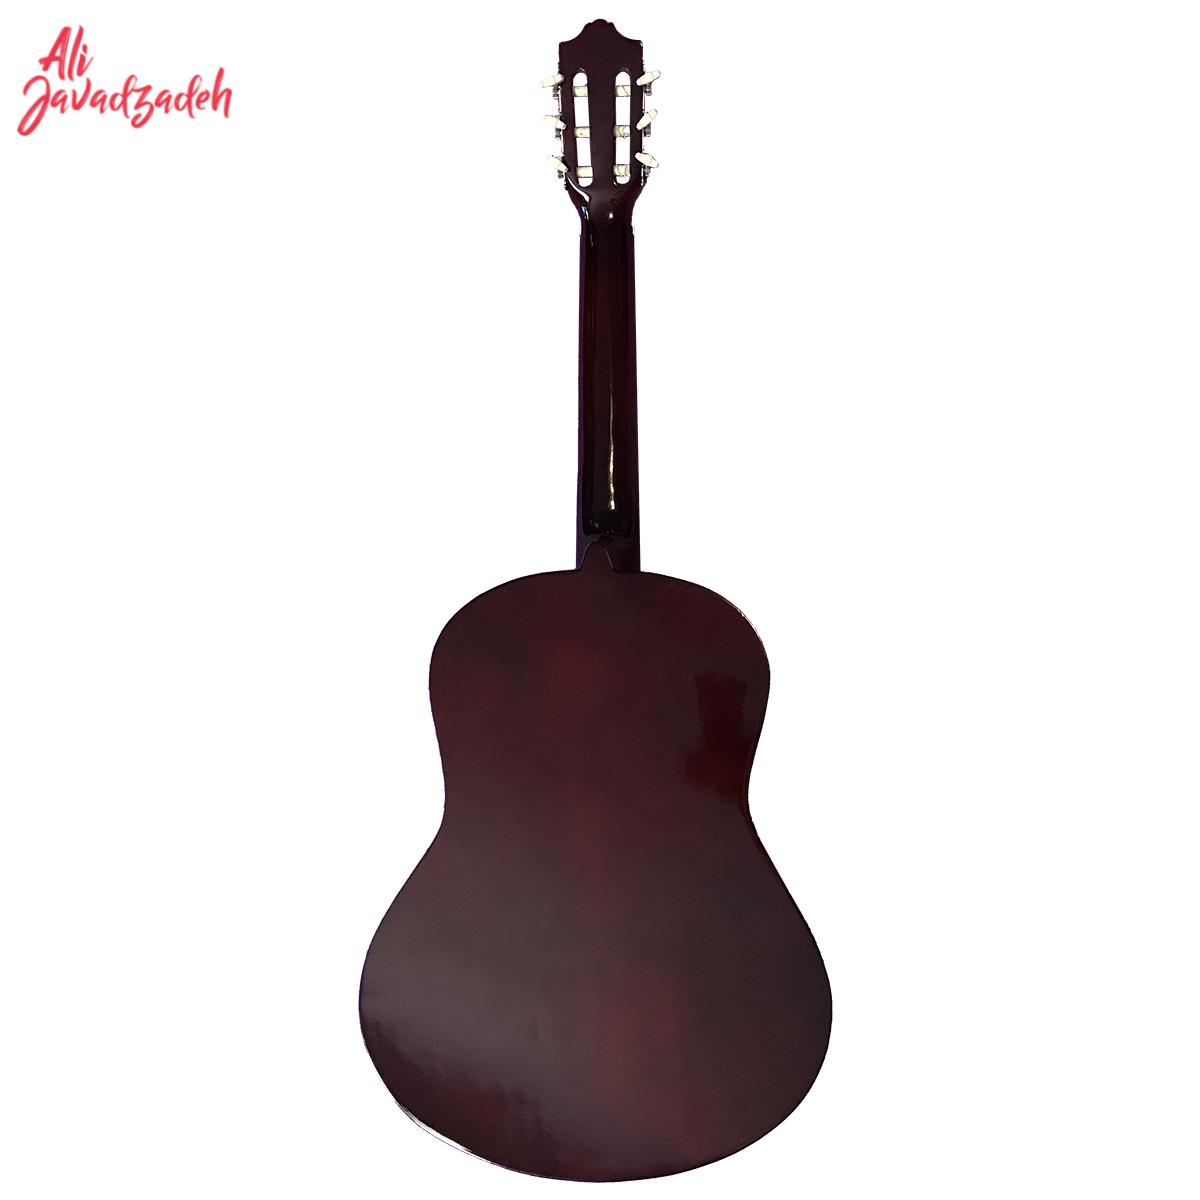 گیتار کلاسیک علی جوادزاده مدل 1C-12